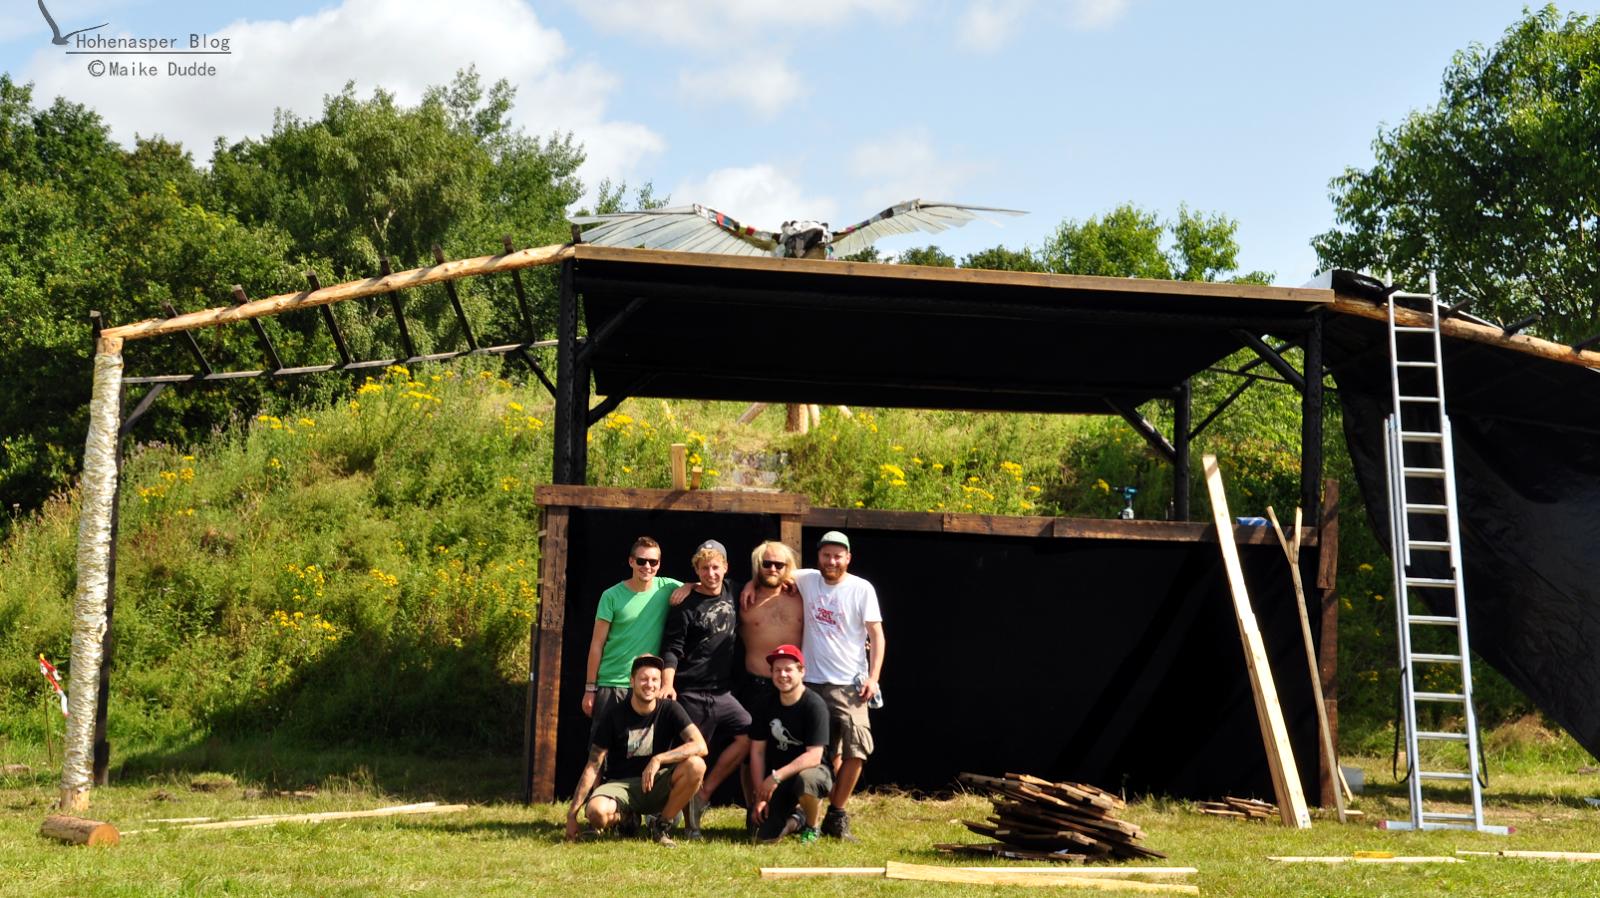 Hohenaspe eine gemeinde stellt sich vor habitat Habitat deutschland